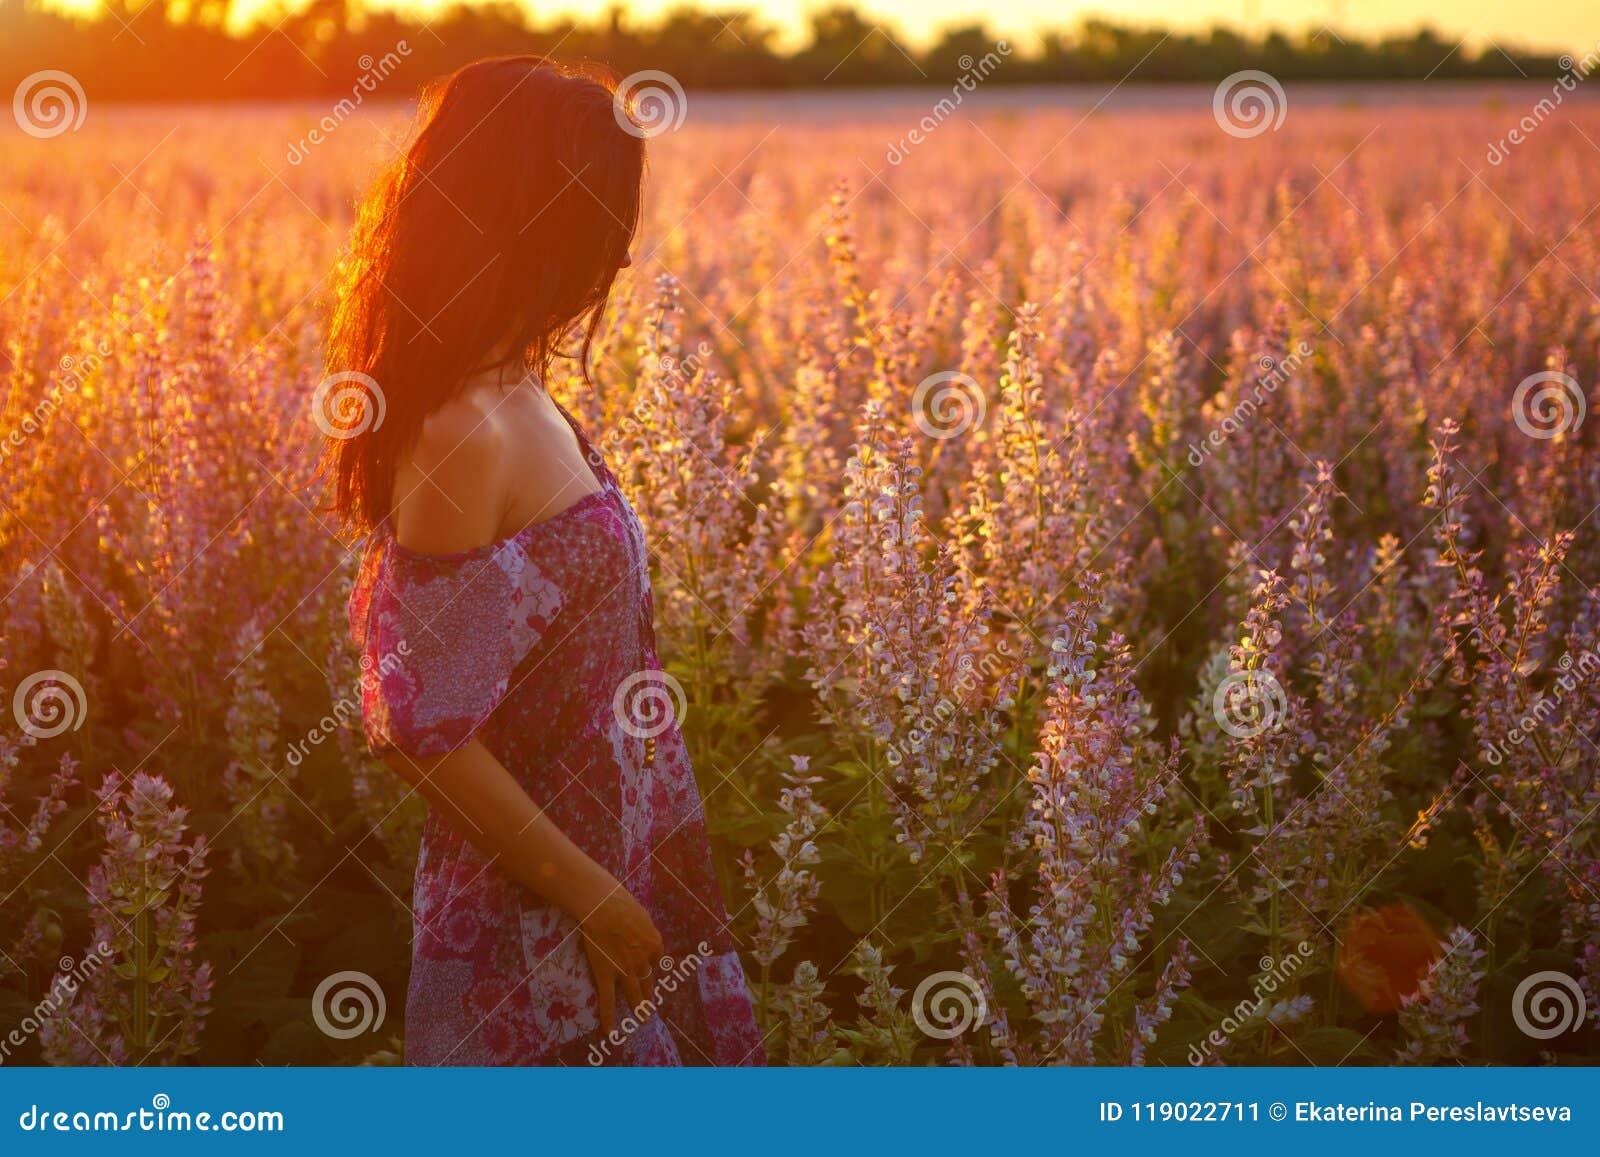 Portret dziewczyna w kwitnącym polu w słońcu przy zmierzchem pojęcie relaks